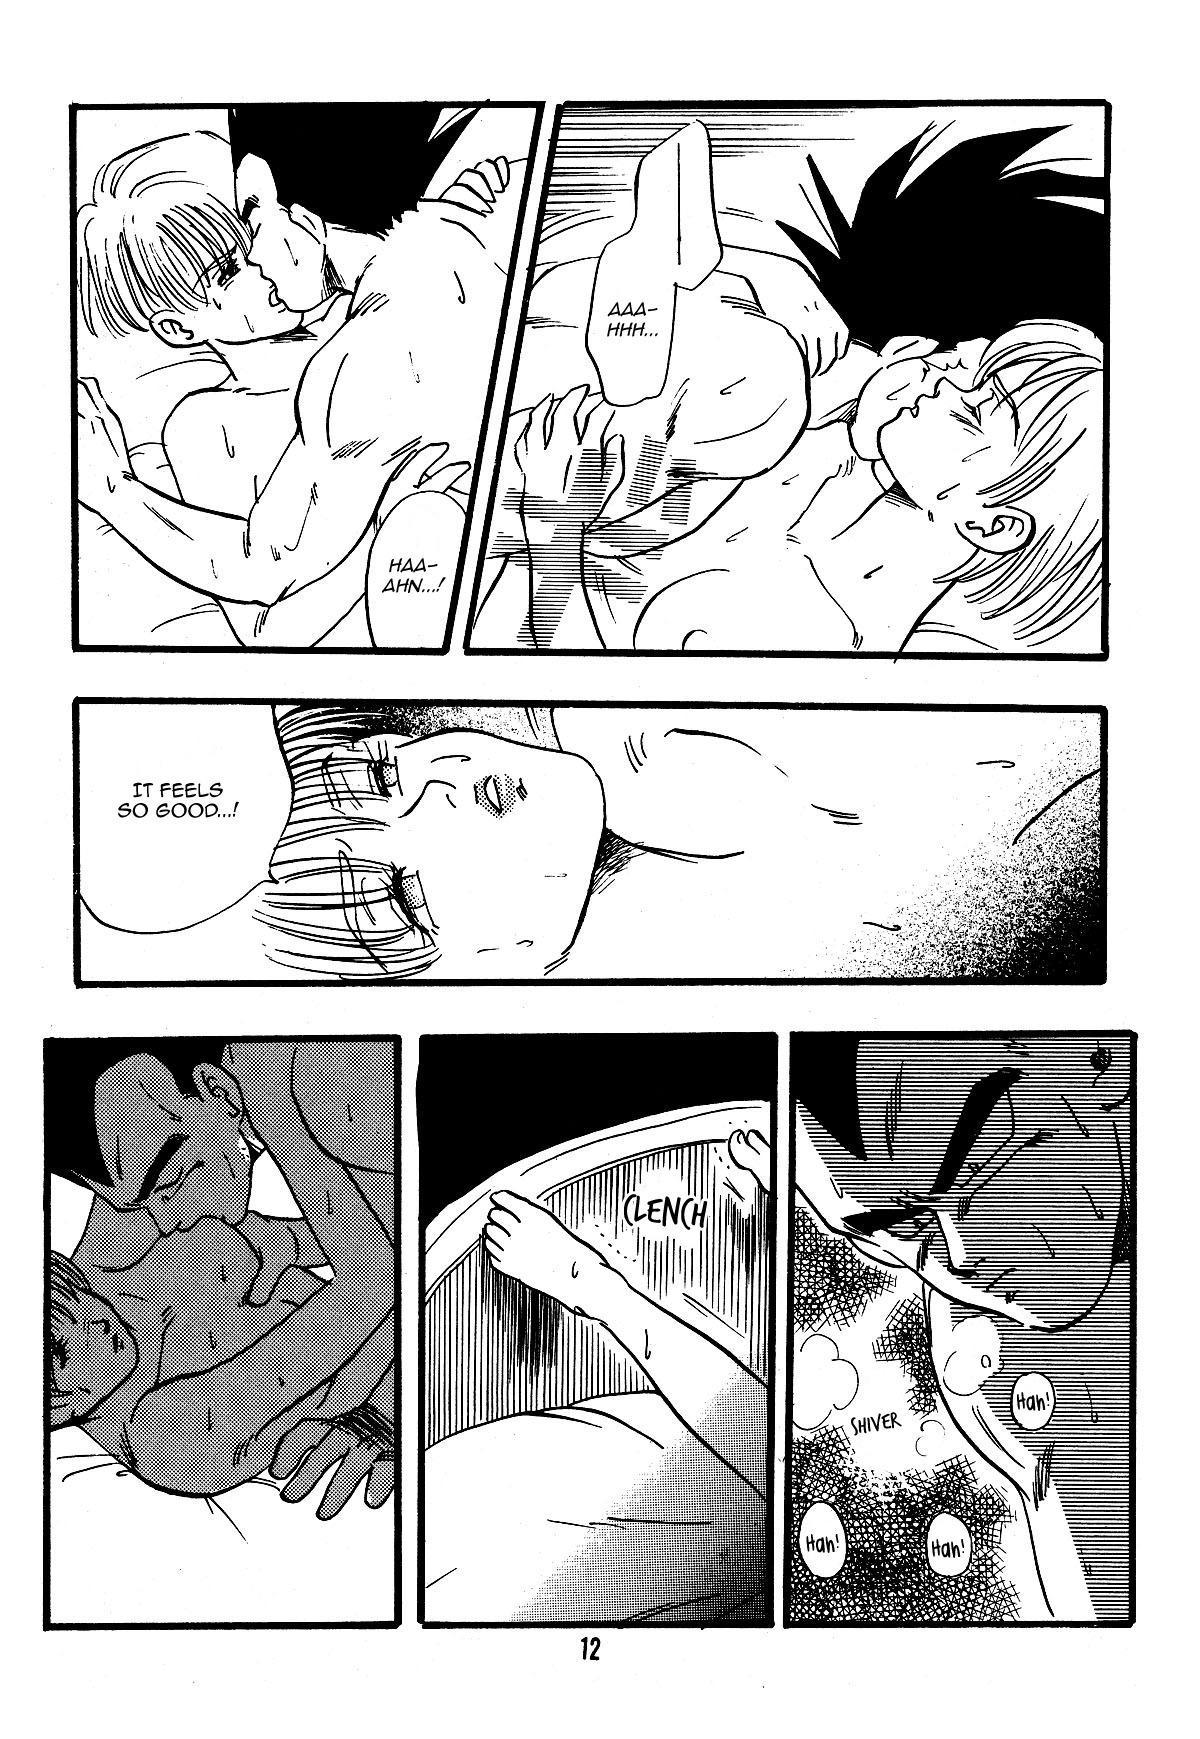 Erotic Flame 12